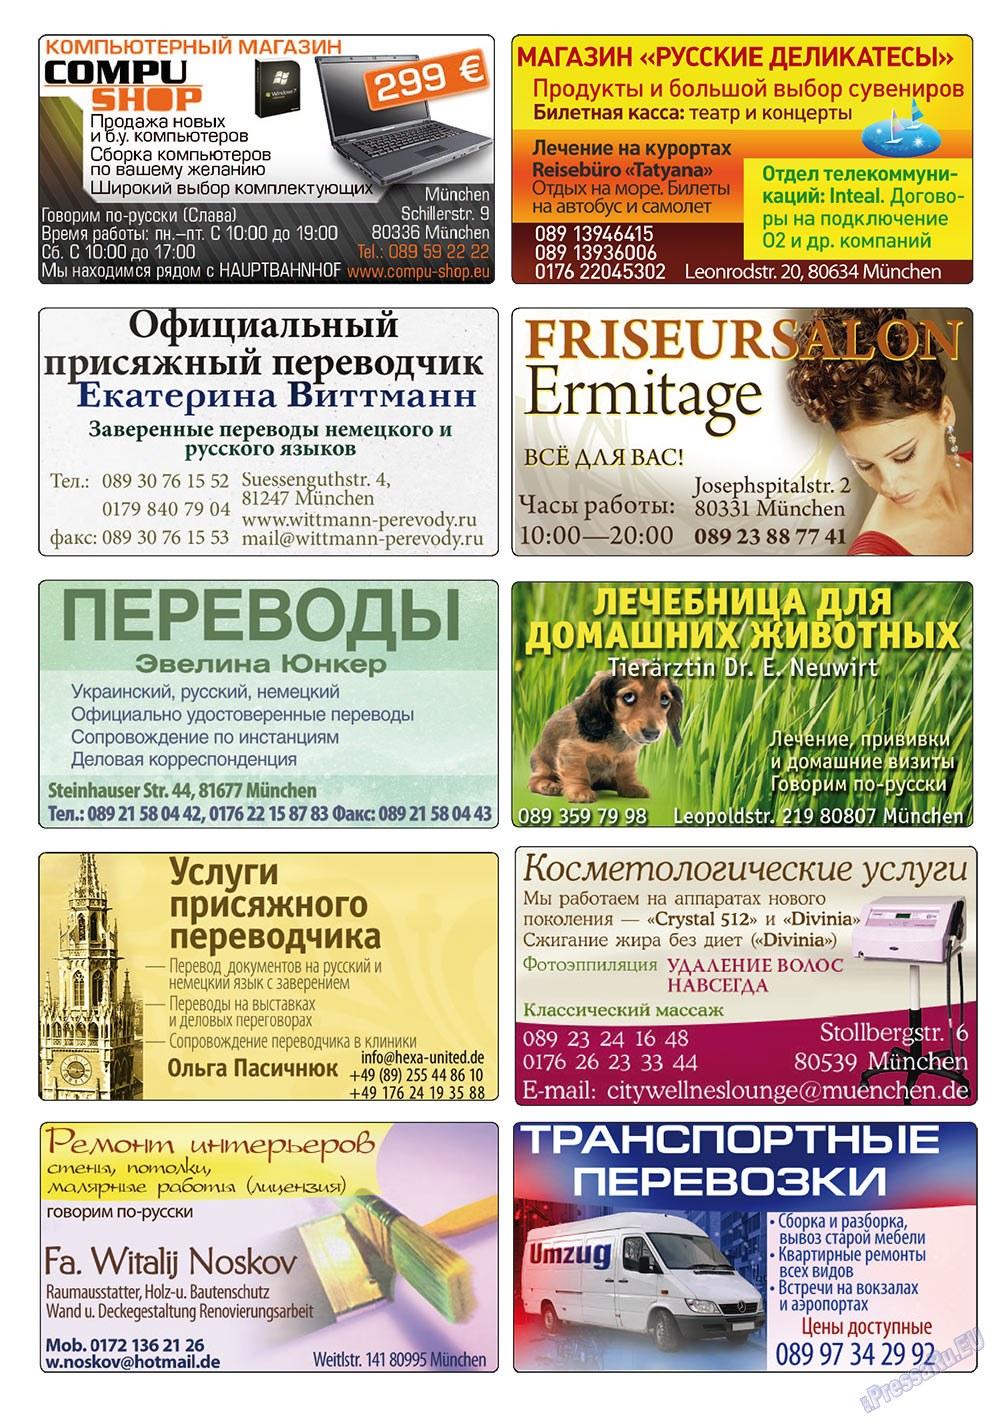 Апельсин (журнал). 2010 год, номер 12, стр. 25